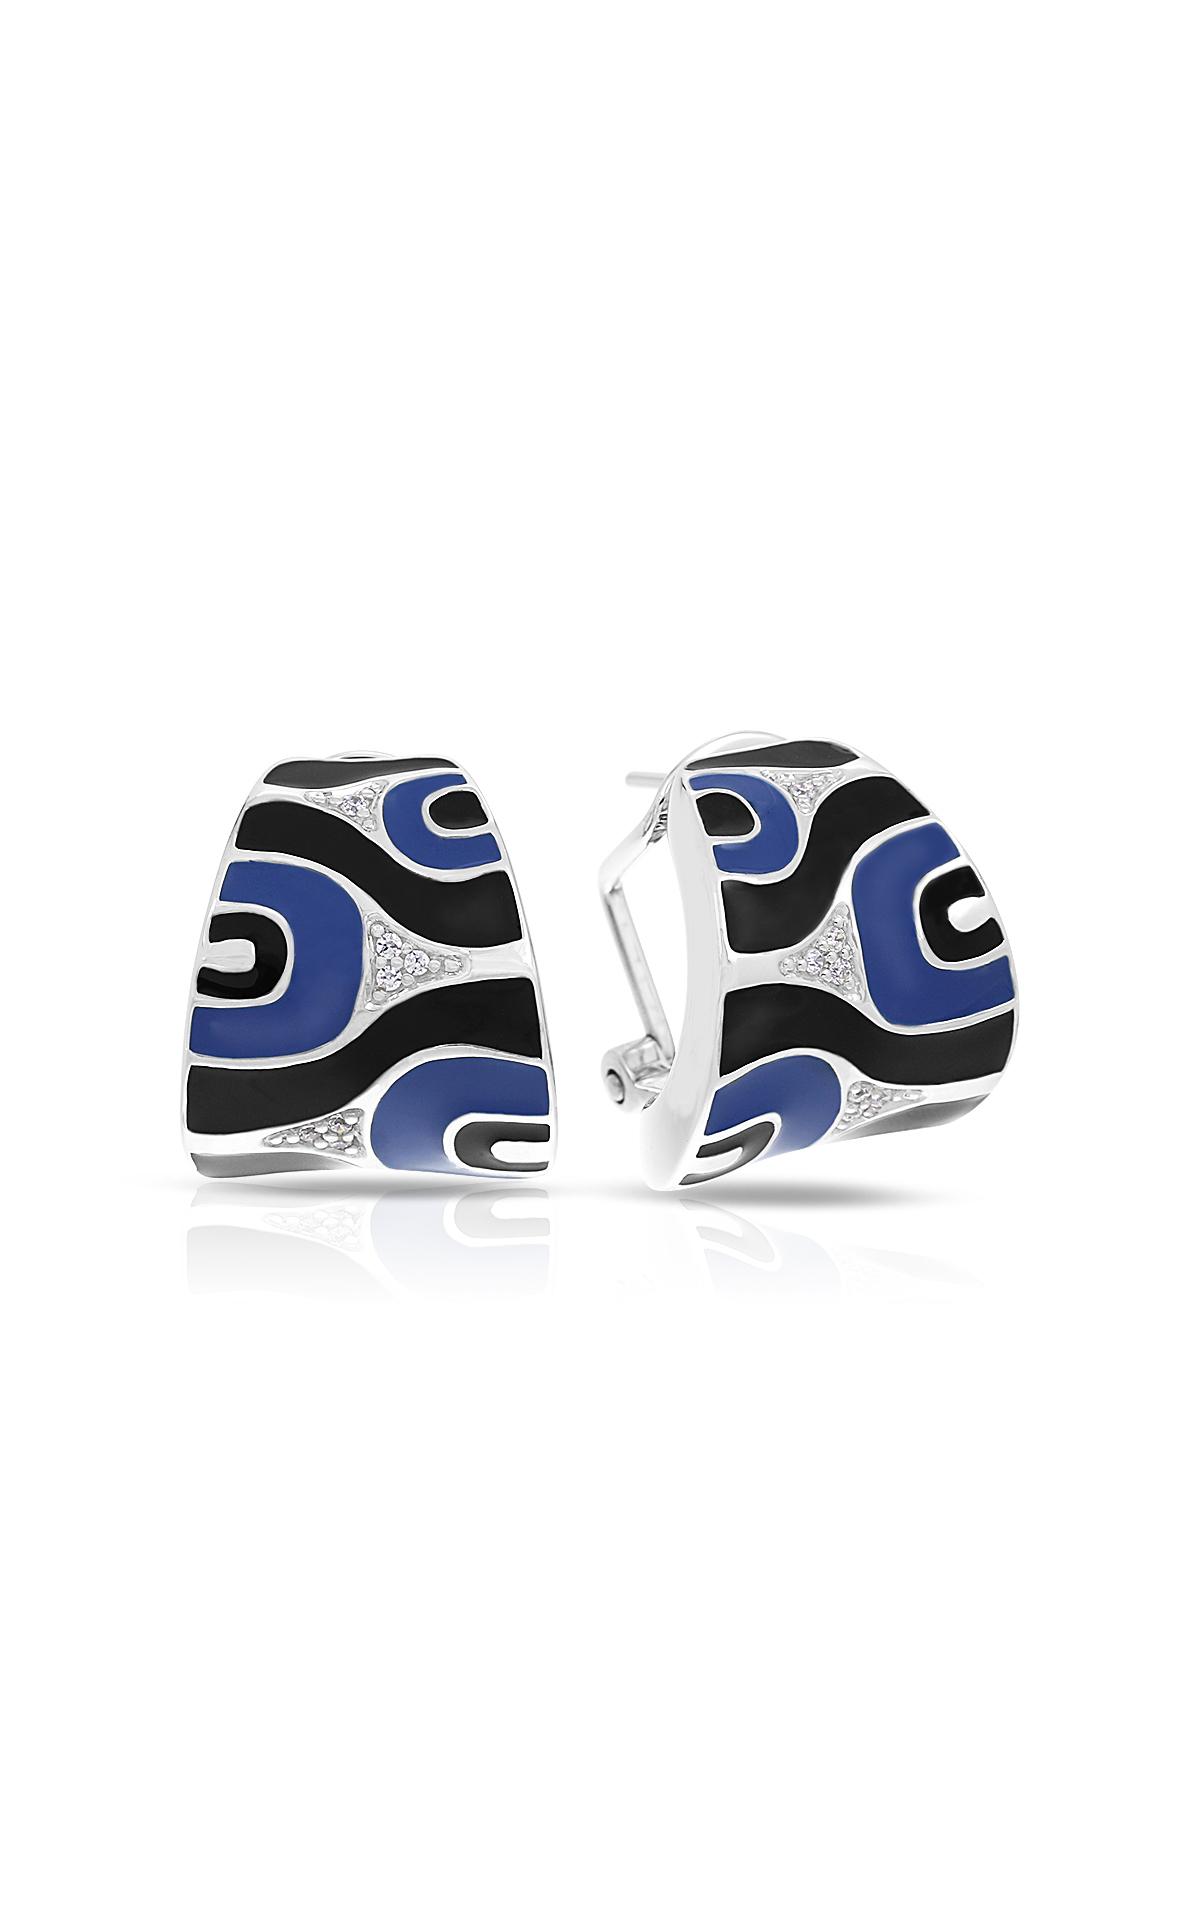 Belle Etoile Moda Blue & Black Earrings 03021320704 product image